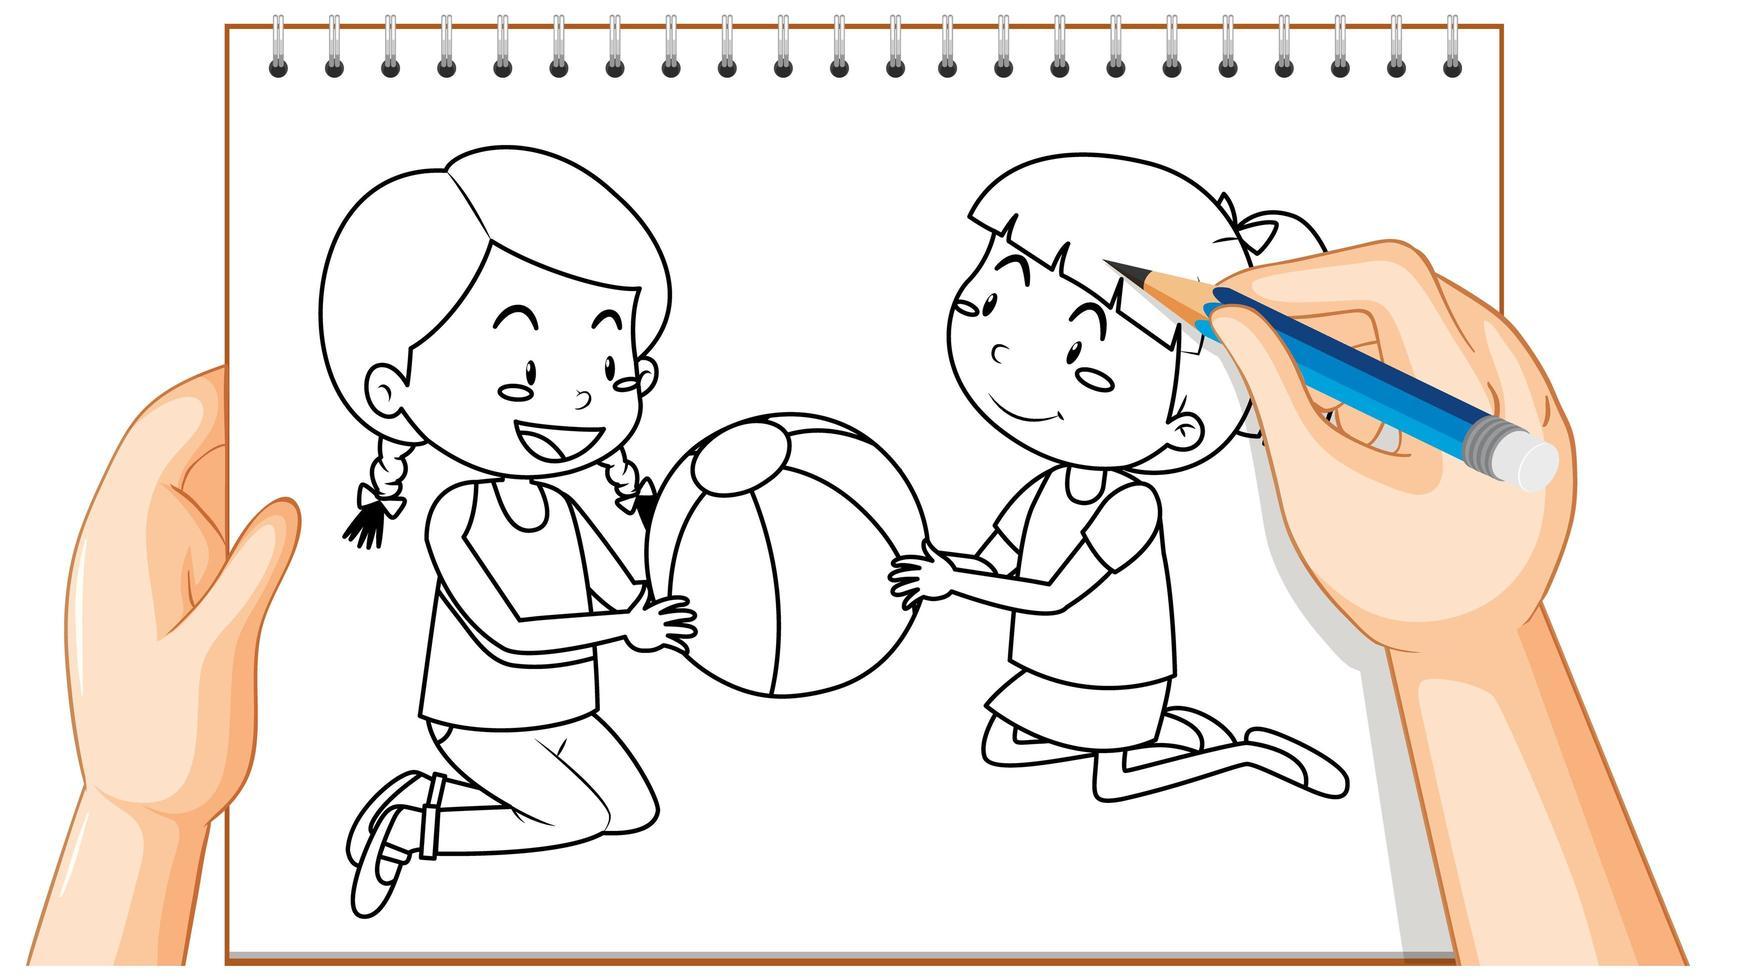 doodle de deux filles jouant avec un ballon vecteur